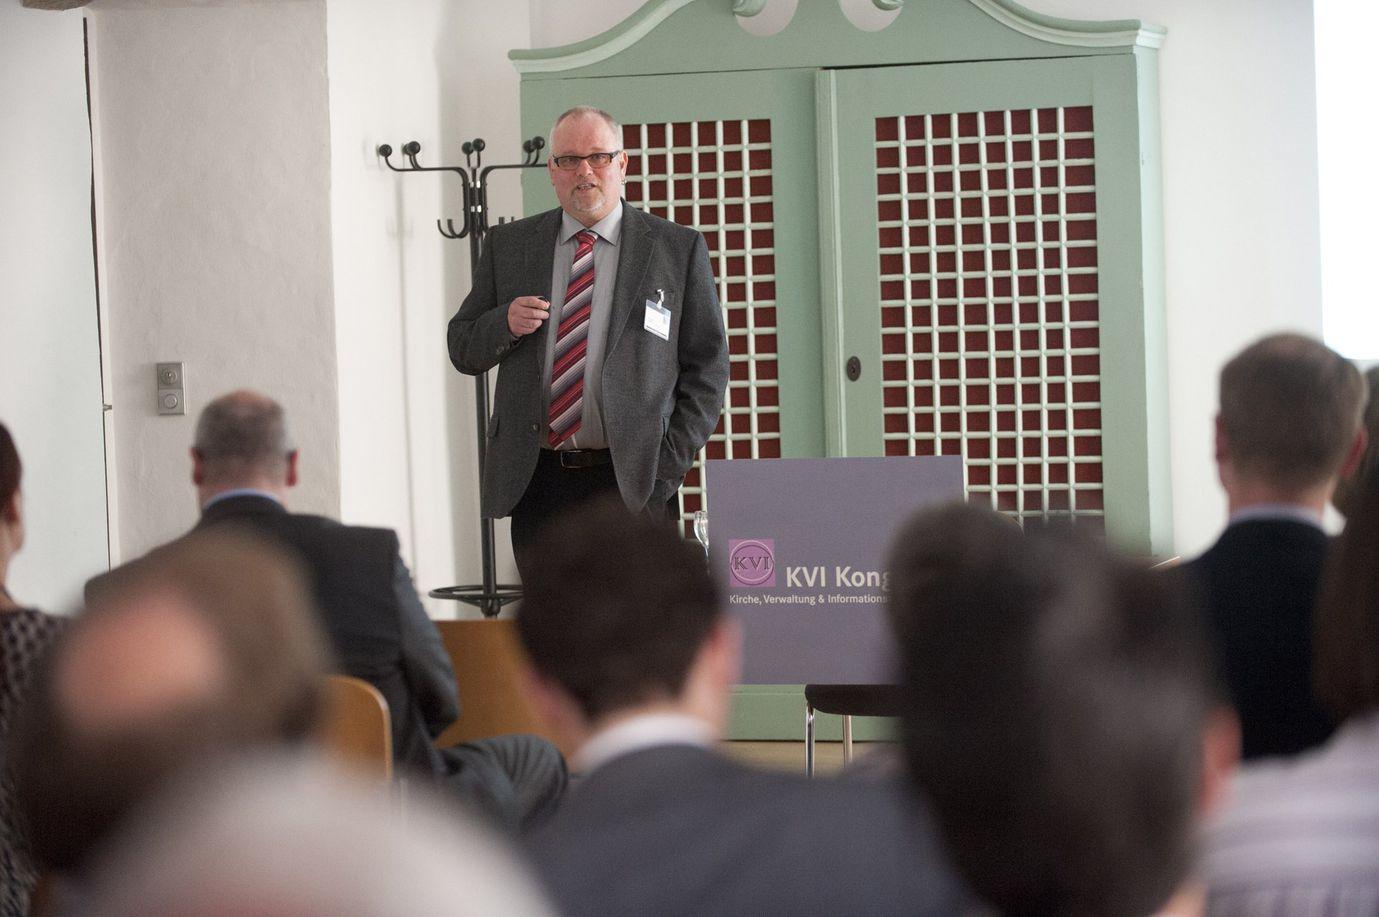 Vortrag über Verwaltungssoftware von Jan-Gerd Jensch, Geschäftsführer Kisocon